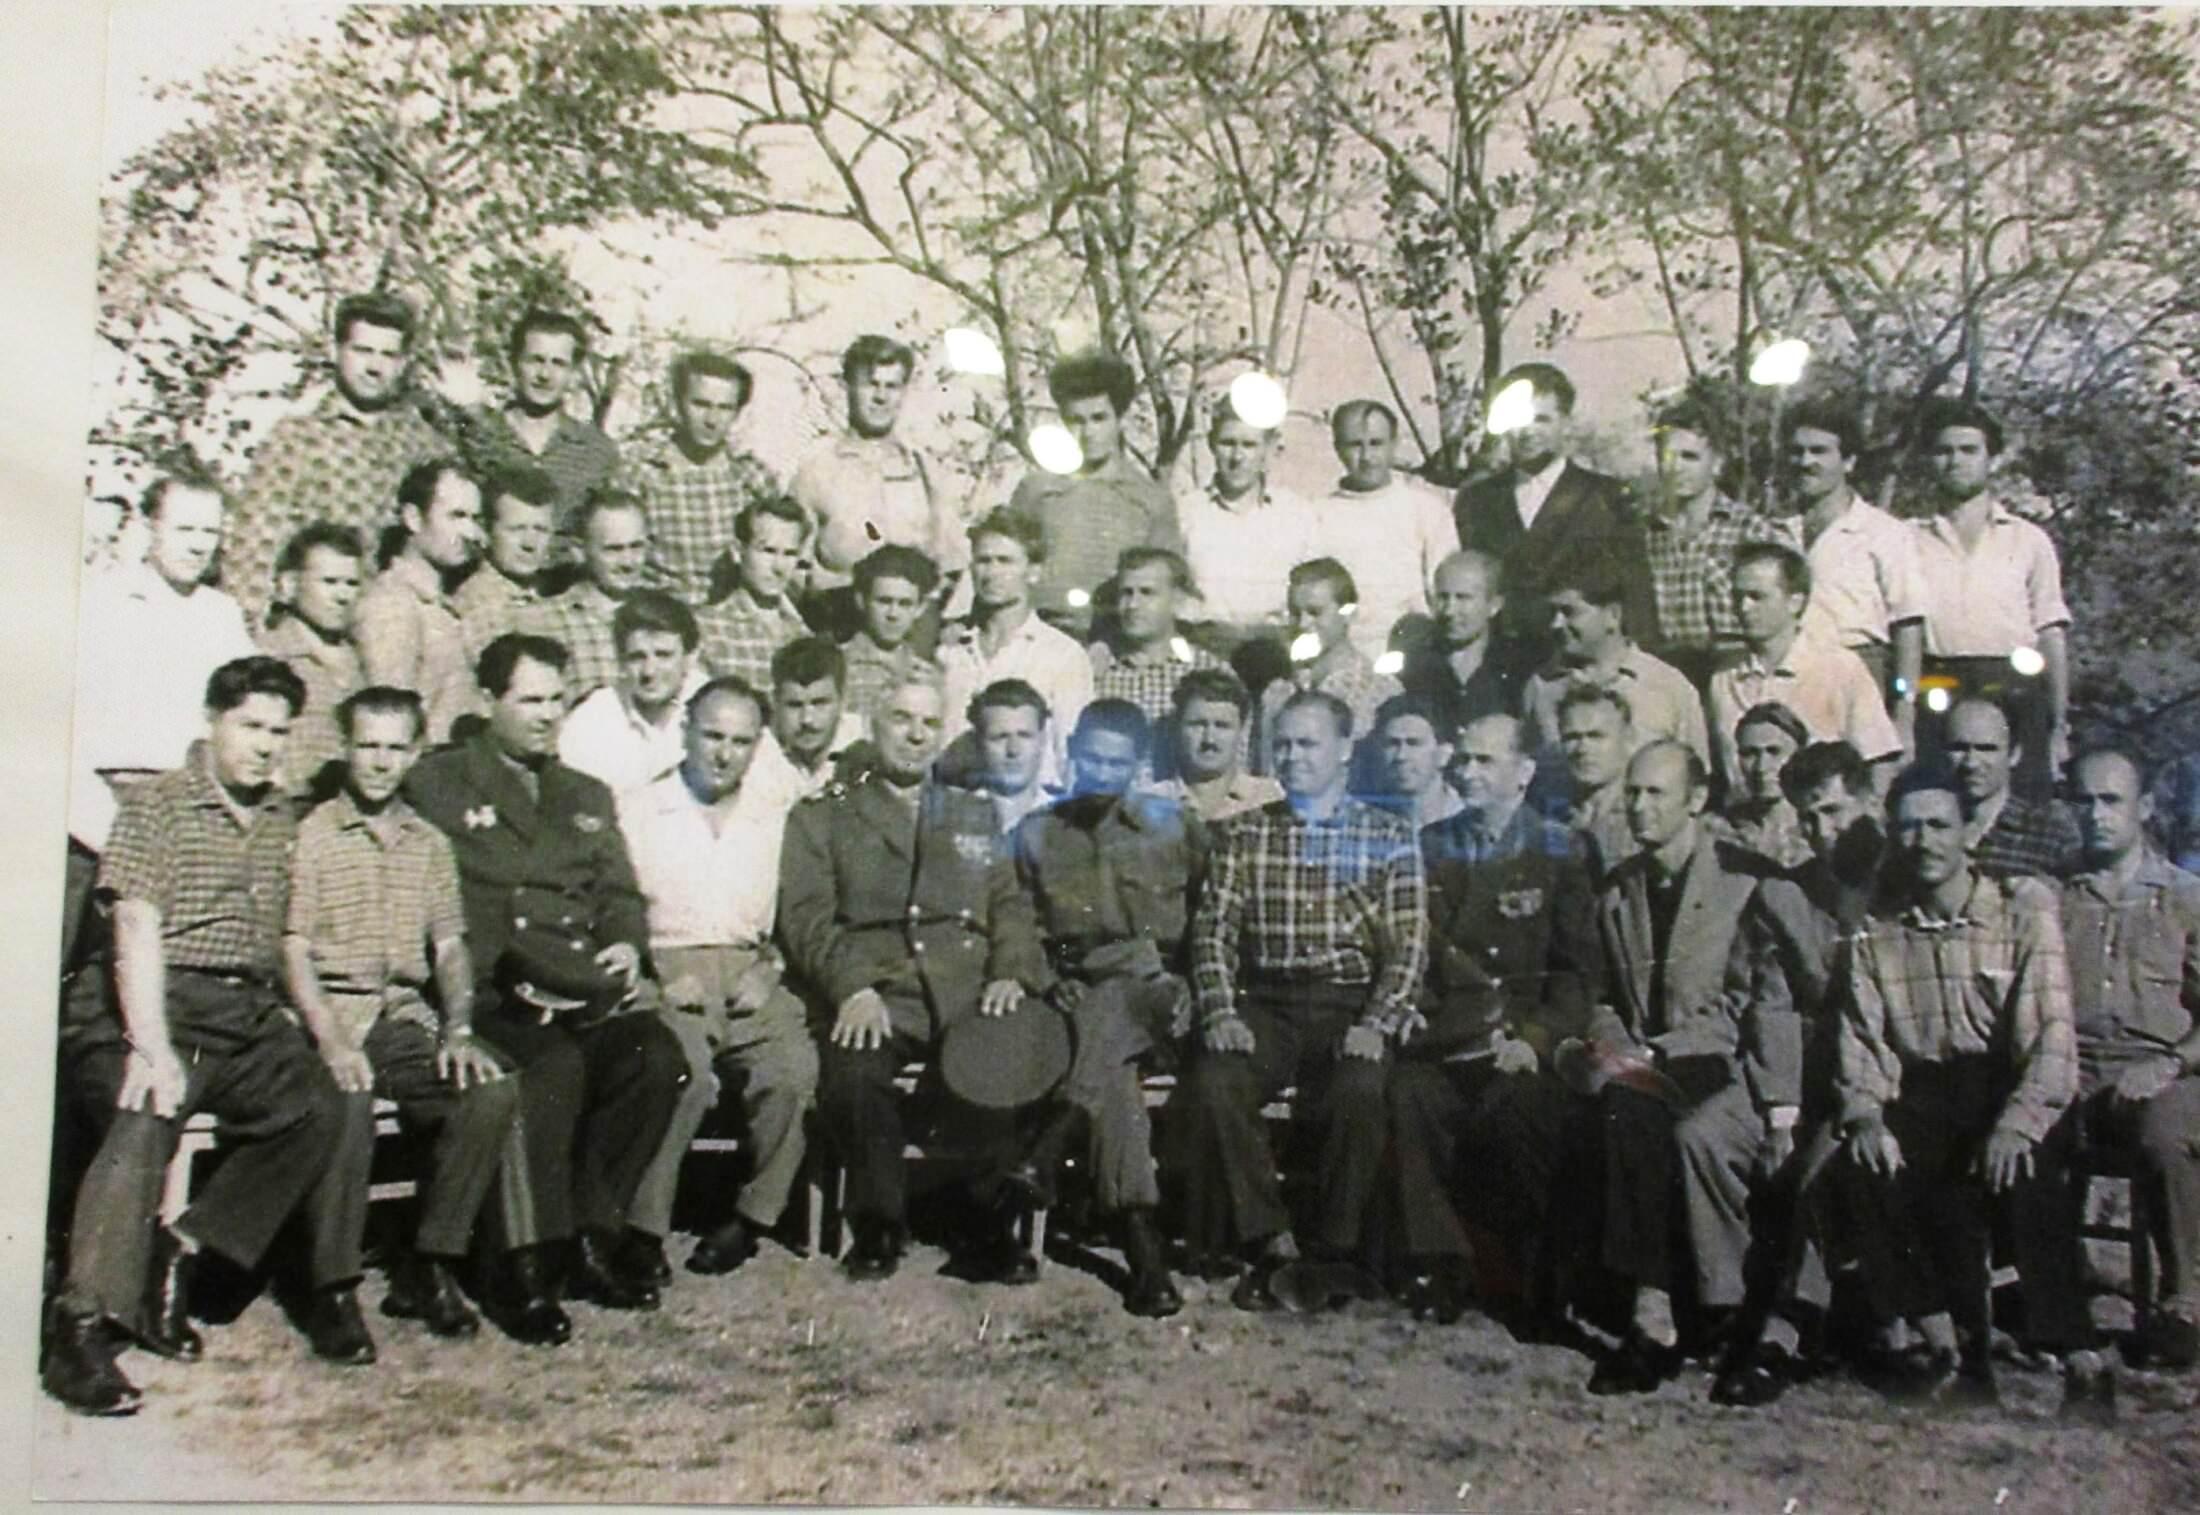 073. Из архива Ш.А. Чигоева